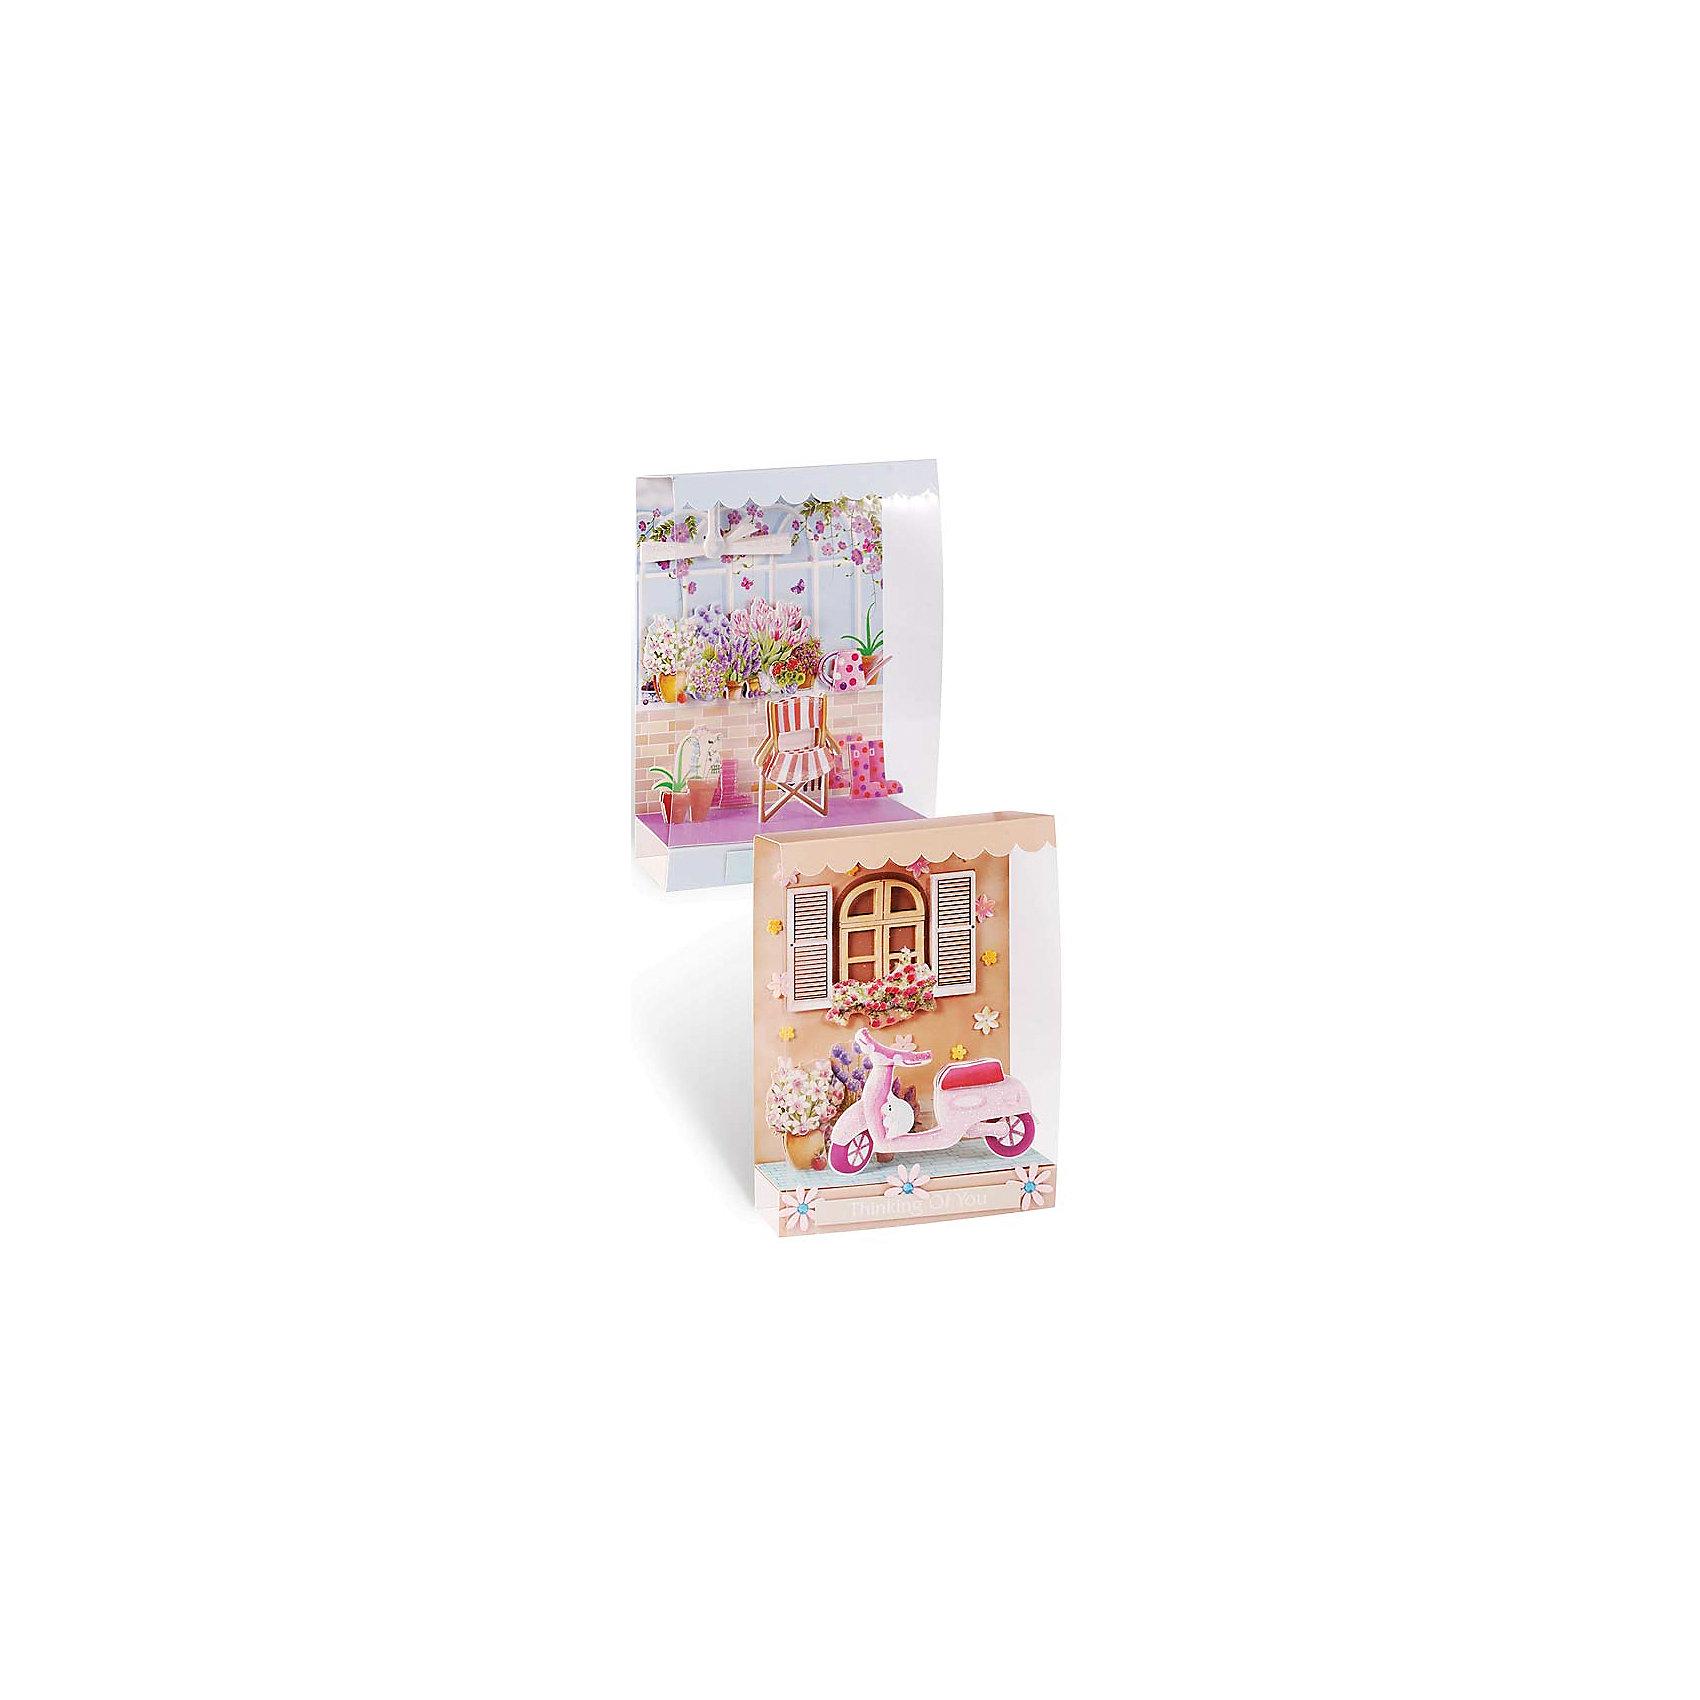 Скрапбукинг-набор для создания миниатюрСкрапбукинг-набор для создания миниатюр, Белоснежка.<br><br>Характеристики:<br><br>• вы можете создать объемную миниатюру<br>• в комплекте: 2 витрины, 2 заготовки для миниатюры, пластиковые полоски, клейкие подушечки, ленты, вырубка из бумаги, стразы, пайетки, полубусины<br>• размер: 15х2х40 см<br><br>С помощью набора от компании Белоснежка вы сможете создать объемную миниатюру, которая станет украшением любого дома. Комнату с объемной мебелью, террасу с цветами и мотороллером легко создаст даже ребенок. В набор входят карточки с пожеланиями, прикрепив которые, можно преподнести миниатюру в качестве подарка.<br><br>Вы можете купить скрапбукинг-набор для создания миниатюр, Белоснежка в нашем интернет-магазине.<br><br>Ширина мм: 270<br>Глубина мм: 150<br>Высота мм: 60<br>Вес г: 280<br>Возраст от месяцев: 72<br>Возраст до месяцев: 144<br>Пол: Женский<br>Возраст: Детский<br>SKU: 5089628